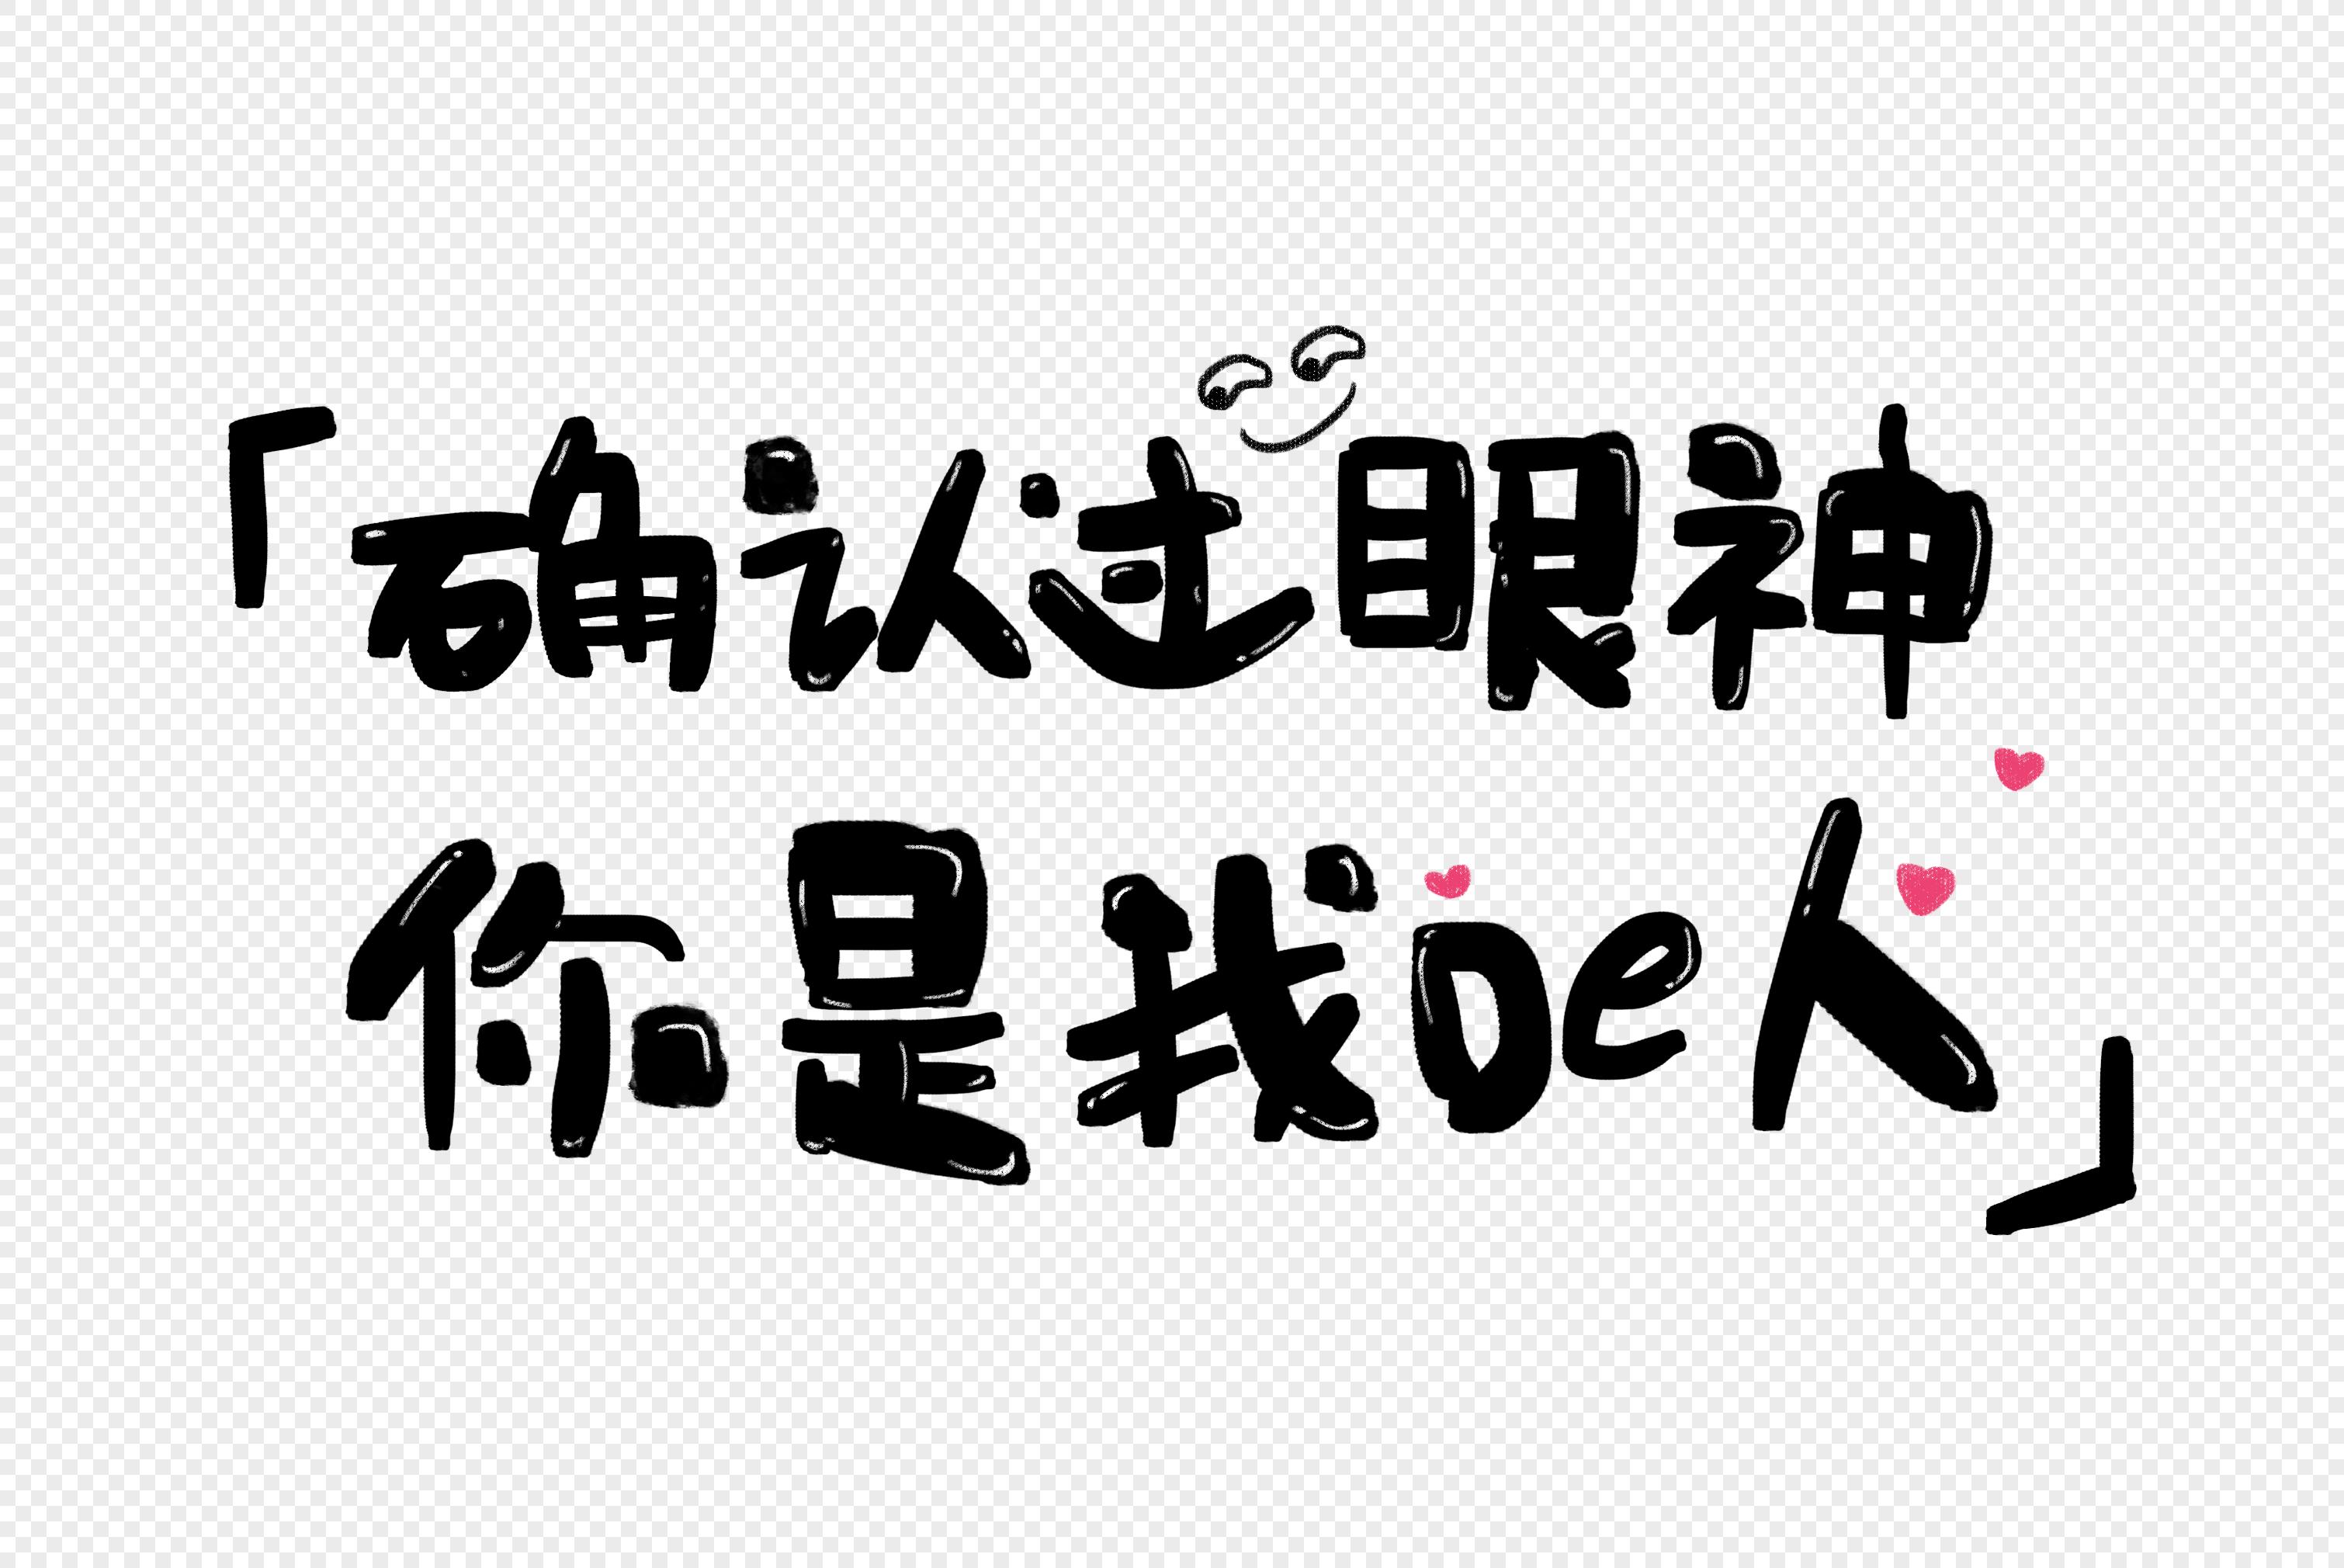 qq空间 新浪微博  花瓣 举报 标签: 你是我的人卡通可爱手写爱心确认